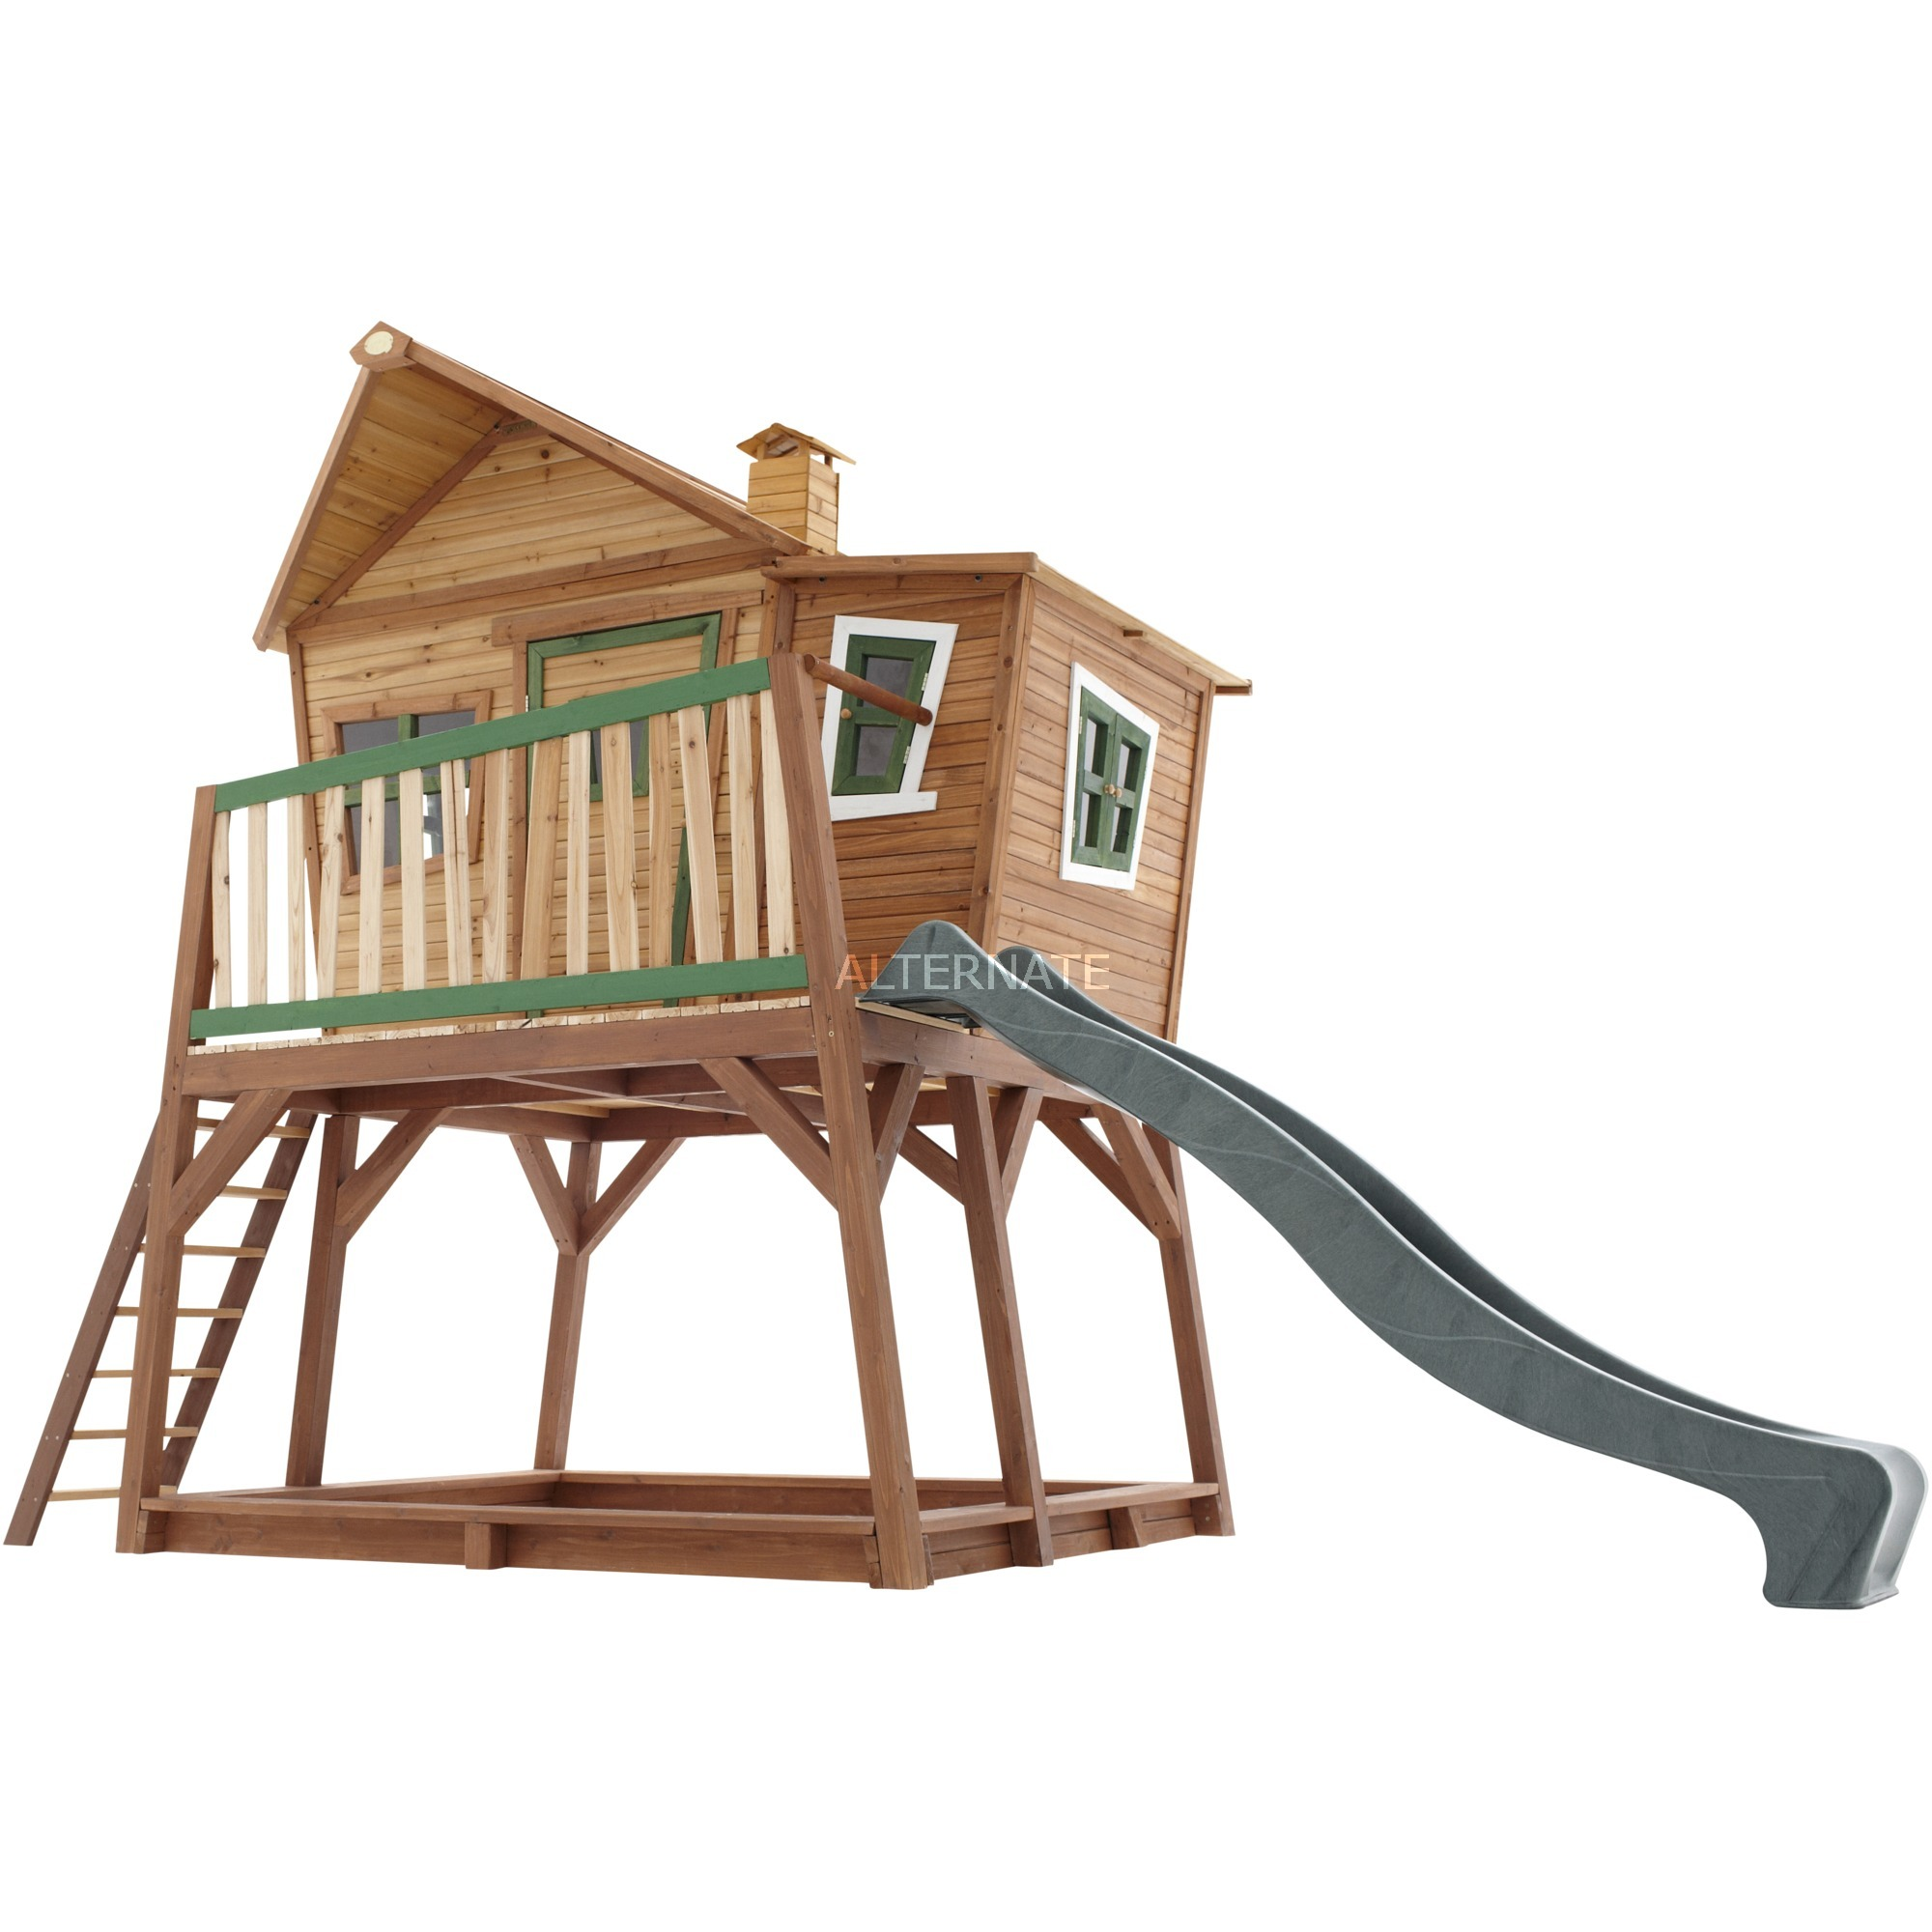 19544d6dca Axi Max Spielhaus auf Stelzen, Gartenspielgerät holz